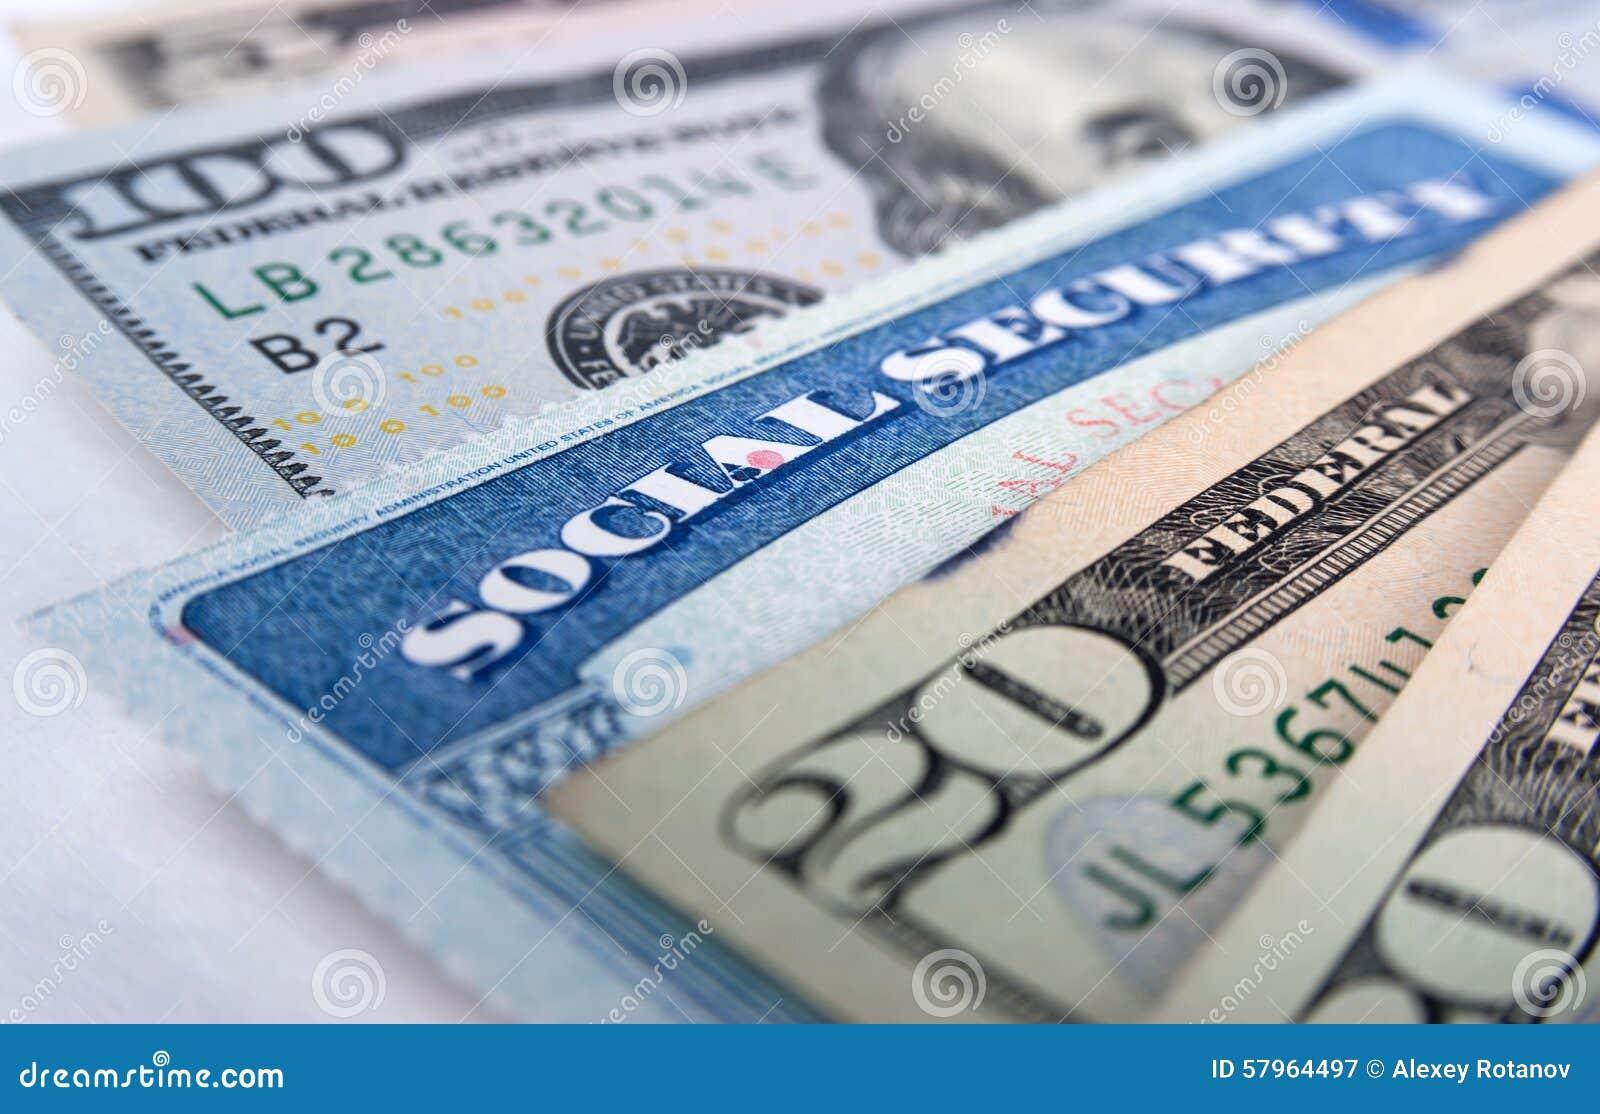 Sozialversicherungskarte- und AmerikanerDollarscheine